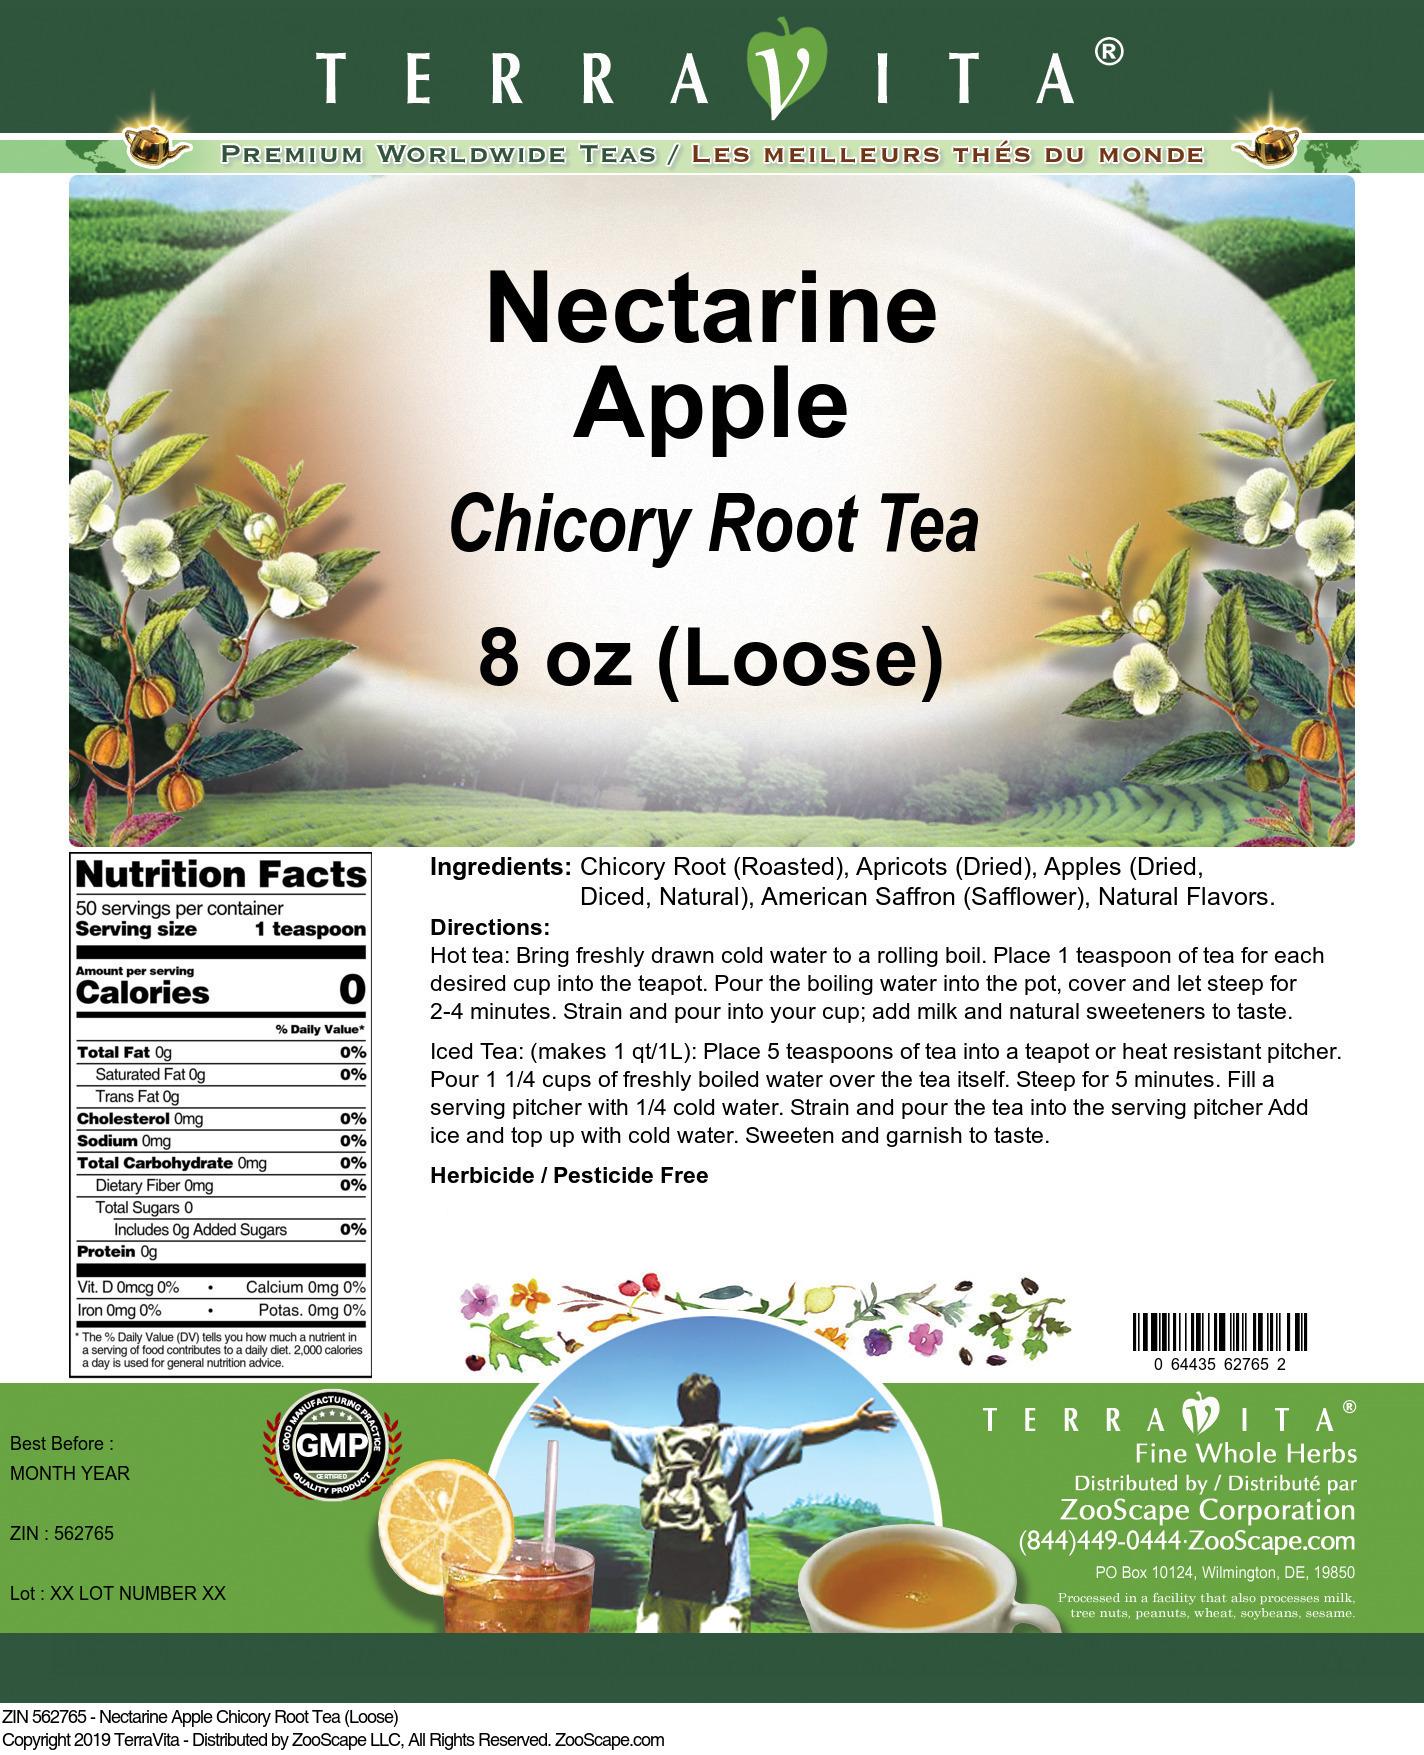 Nectarine Apple Chicory Root